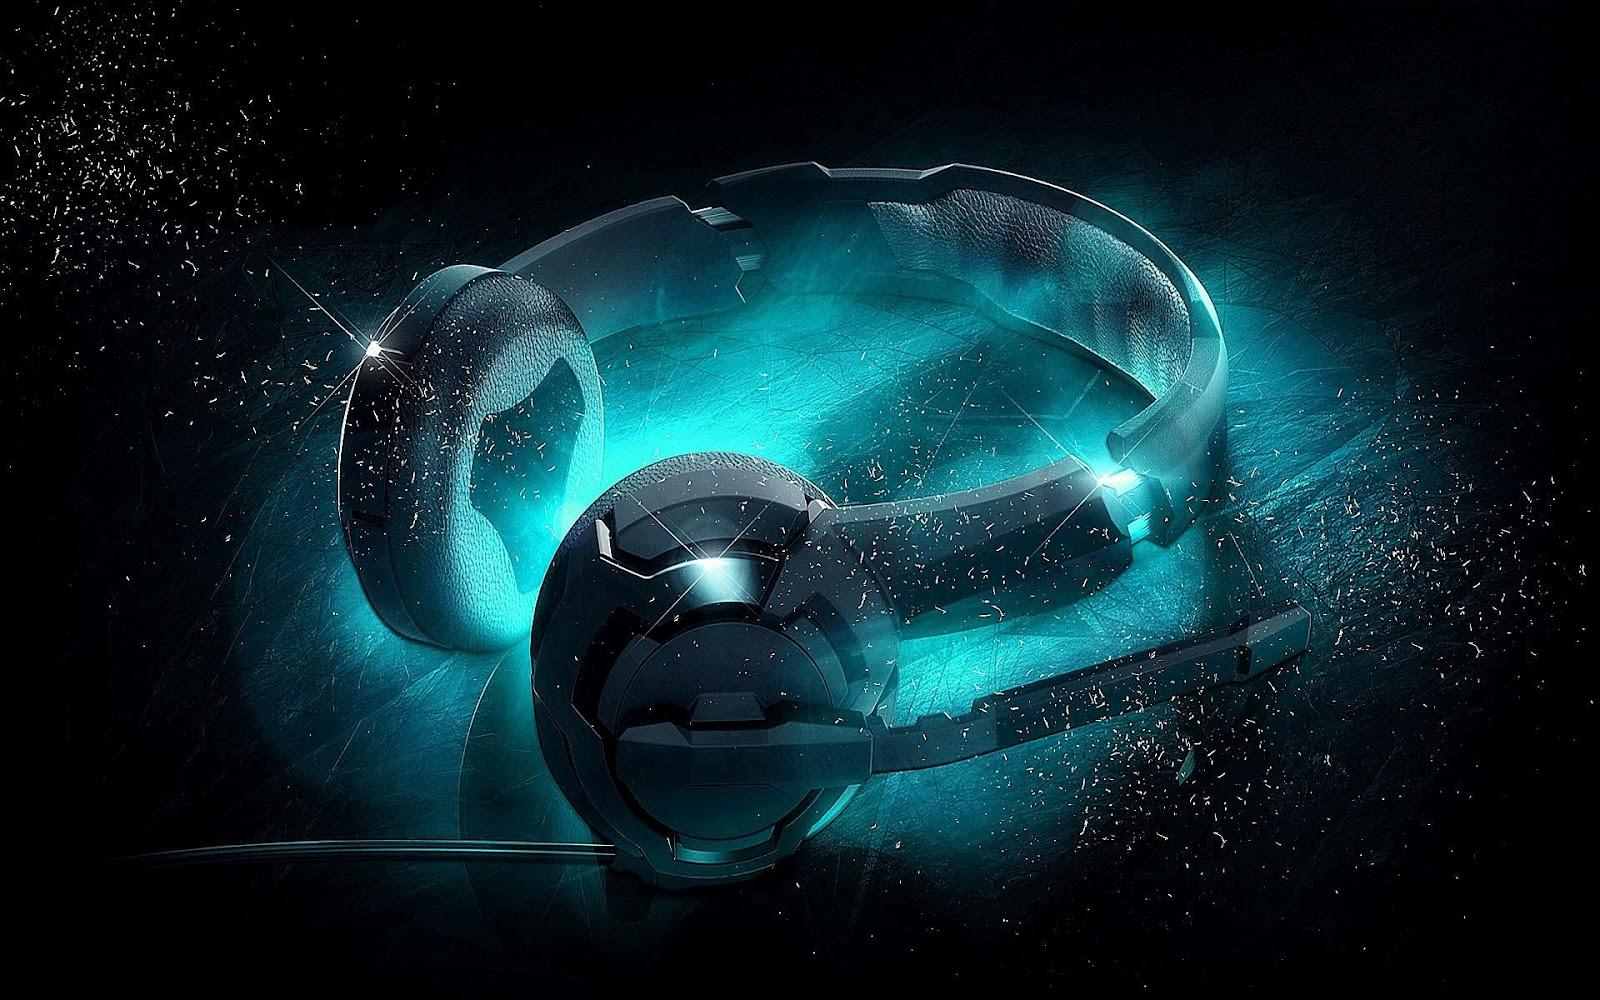 http://1.bp.blogspot.com/-BrEWJ9DETNc/T3-ZKw4m99I/AAAAAAAABek/2WJRR5N_q_U/s1600/creative-headphones-1920x1200.jpg